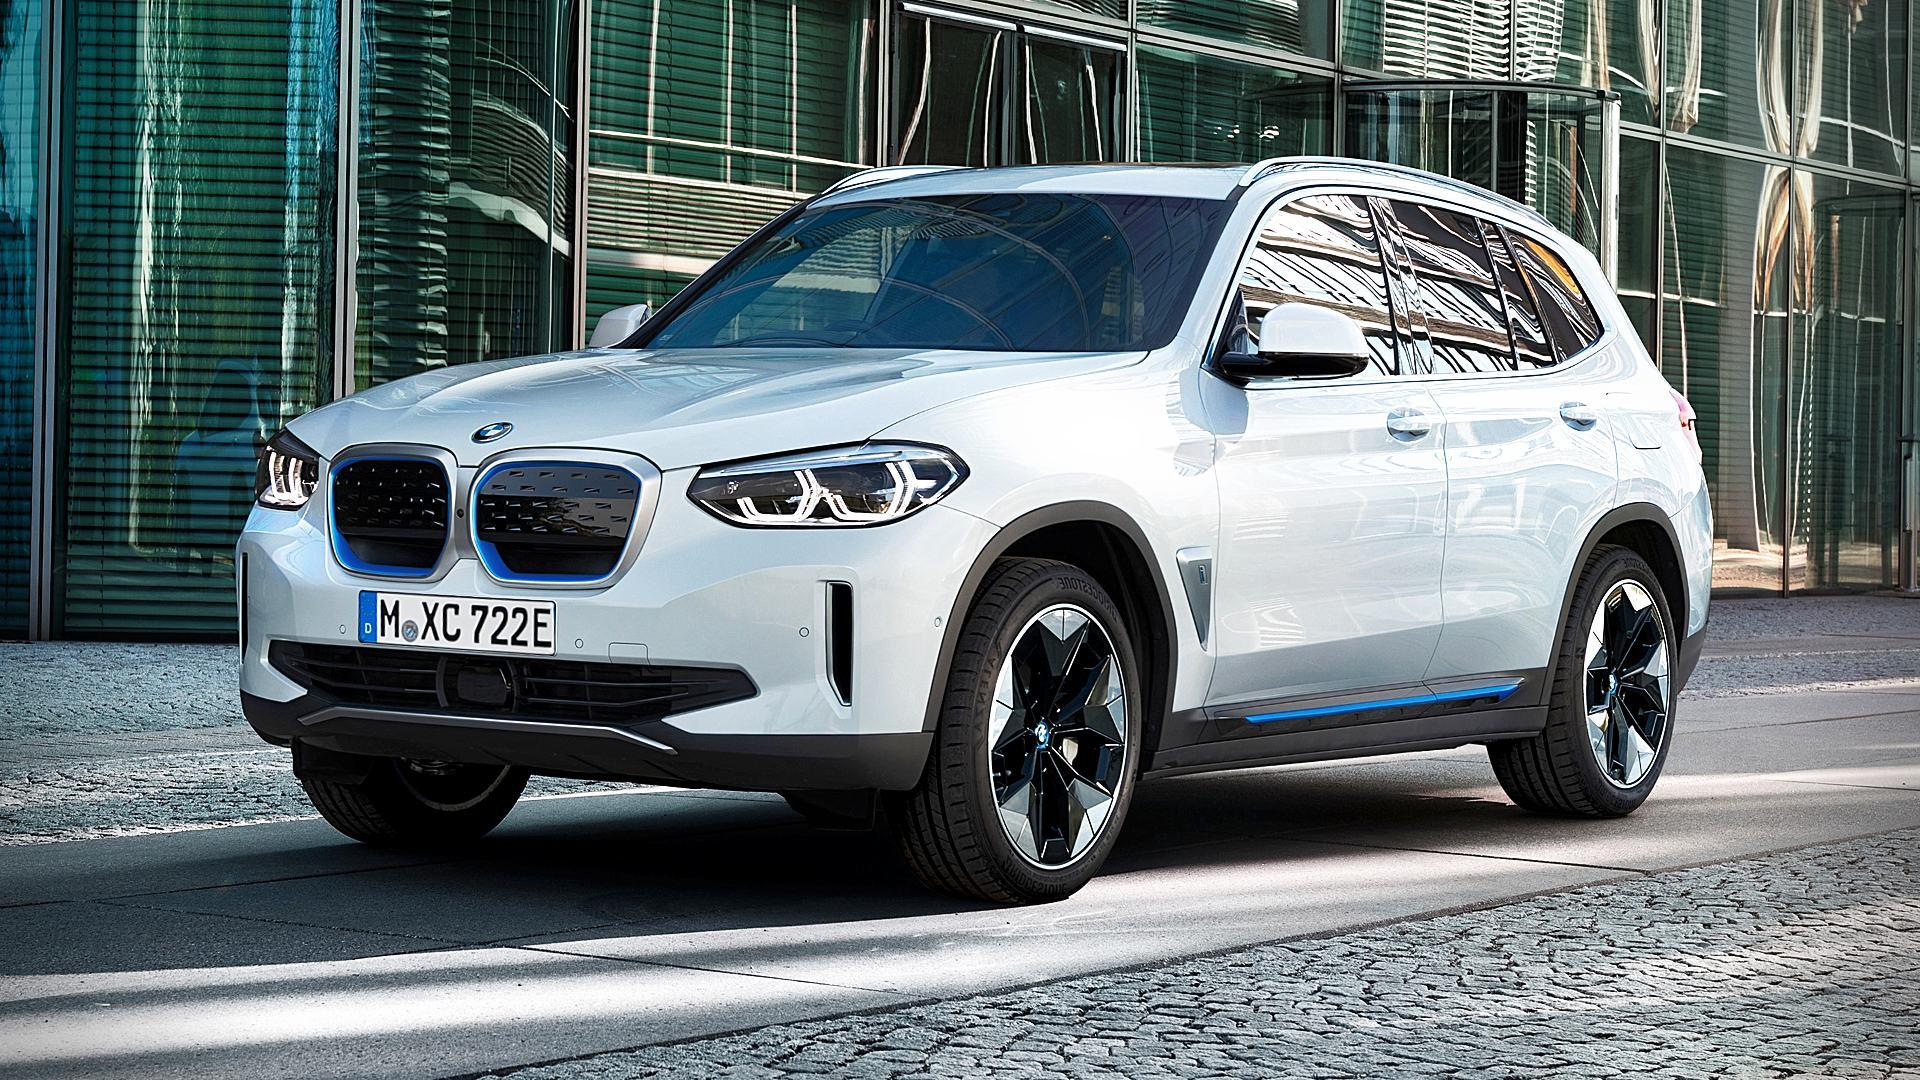 BMW SUV Cars 2021 Models iX3